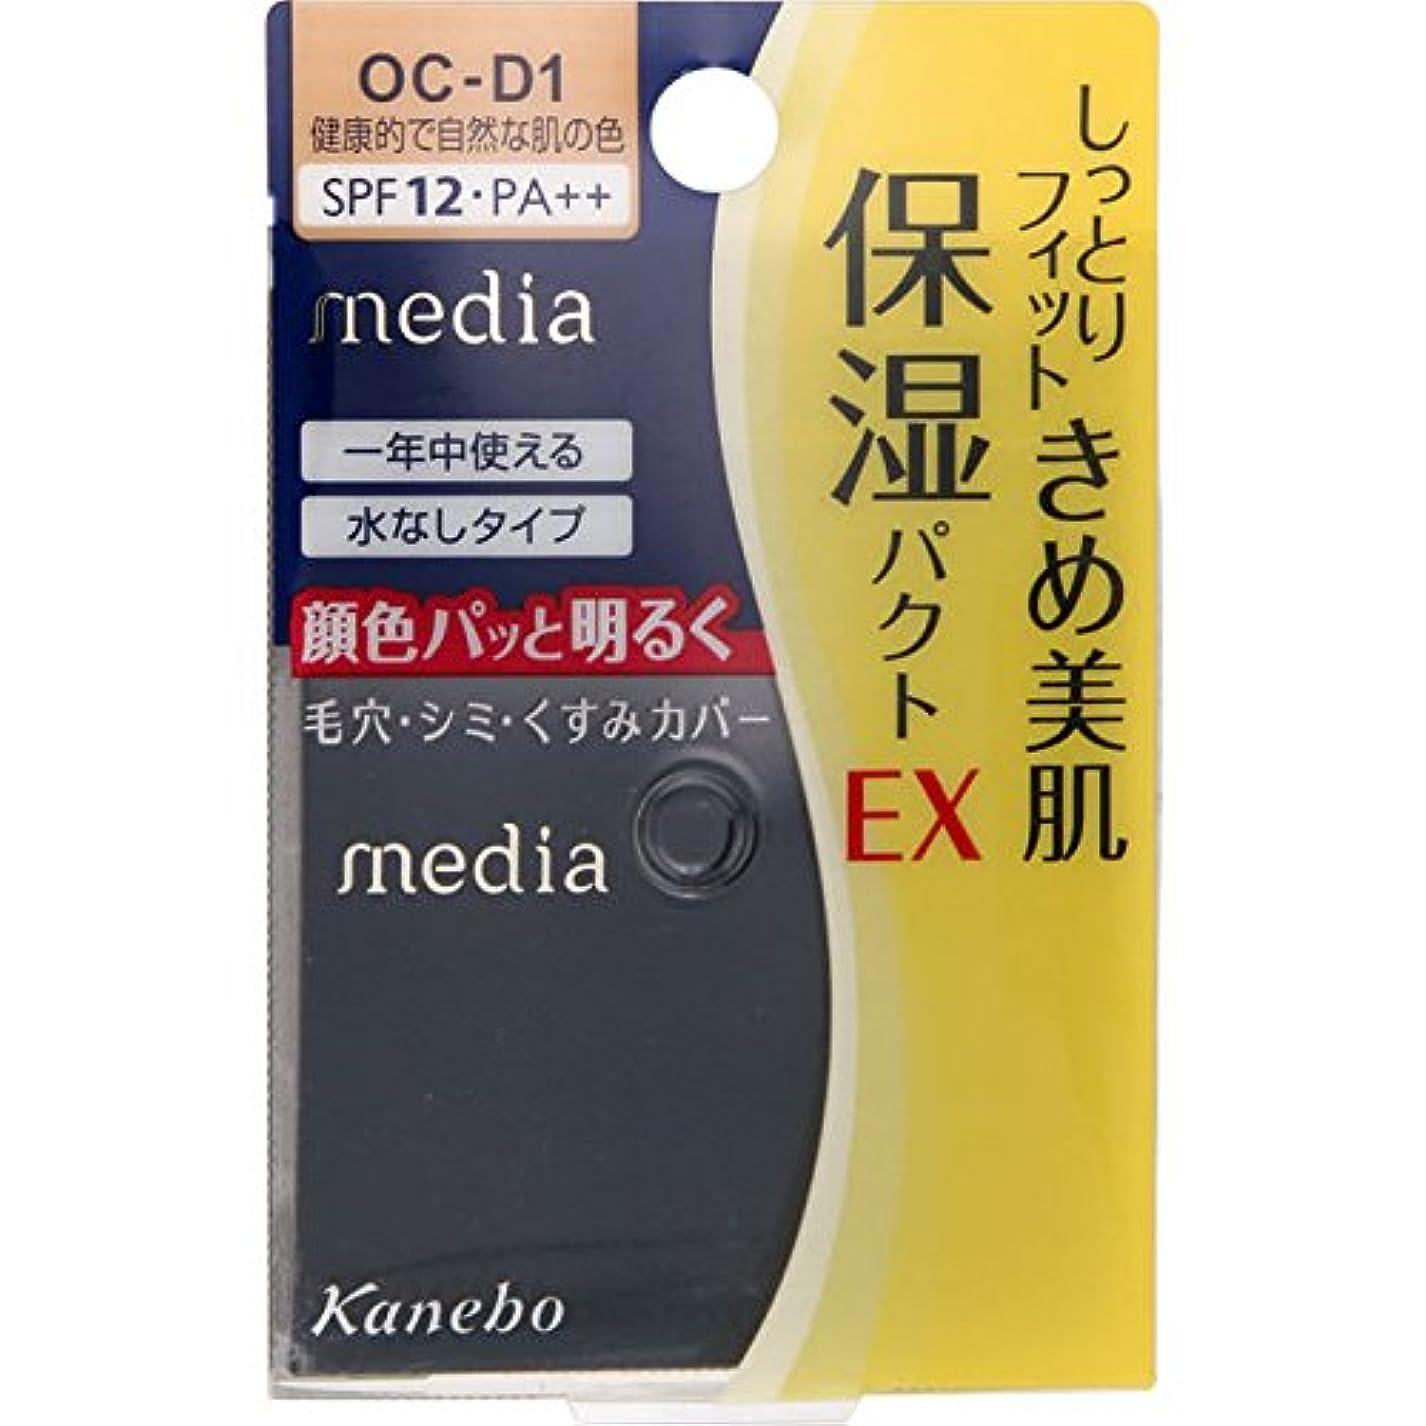 保証金札入れリスクカネボウ メディア モイストフィットパクトEX OC-D1(11g)